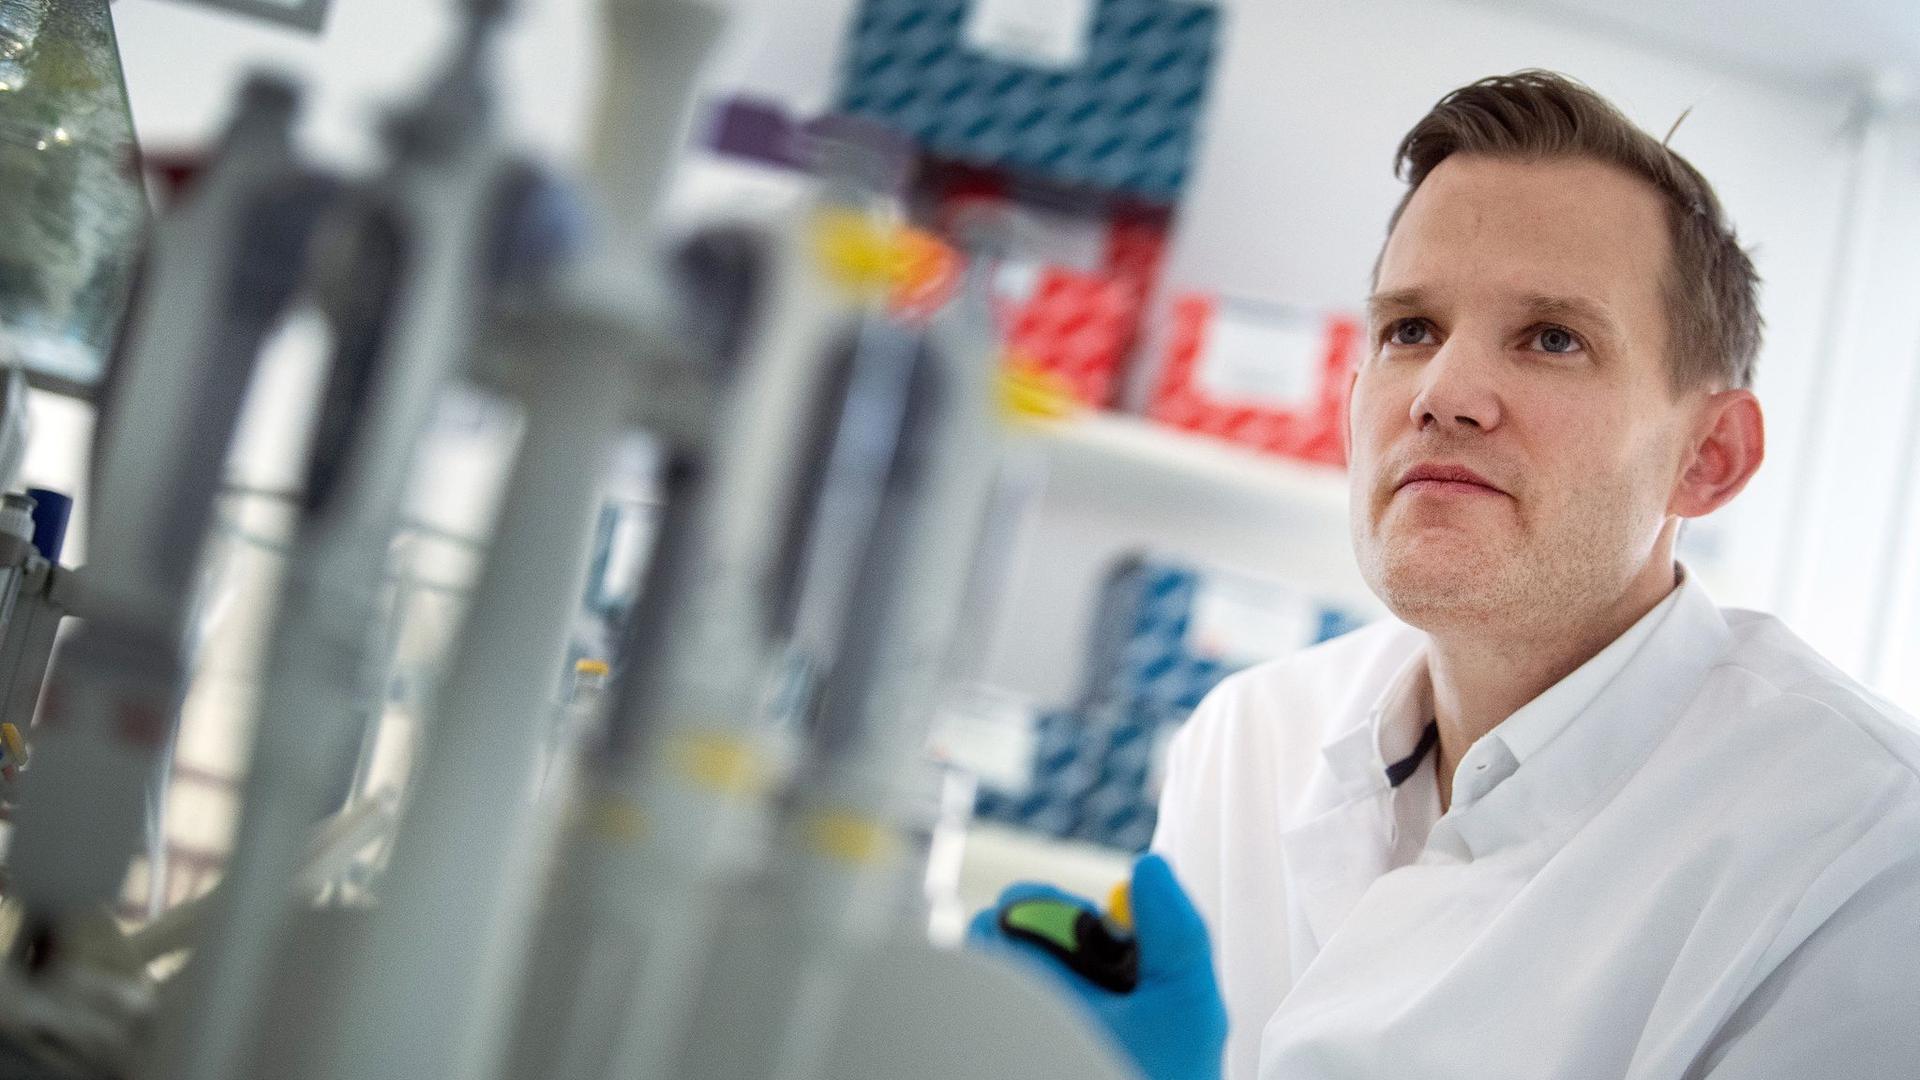 Hendrik Streeck ist Direktor des Instituts für Virologie an der Uniklinik in Bonn und in der Coronakrise einer der bekanntesten Virologen.